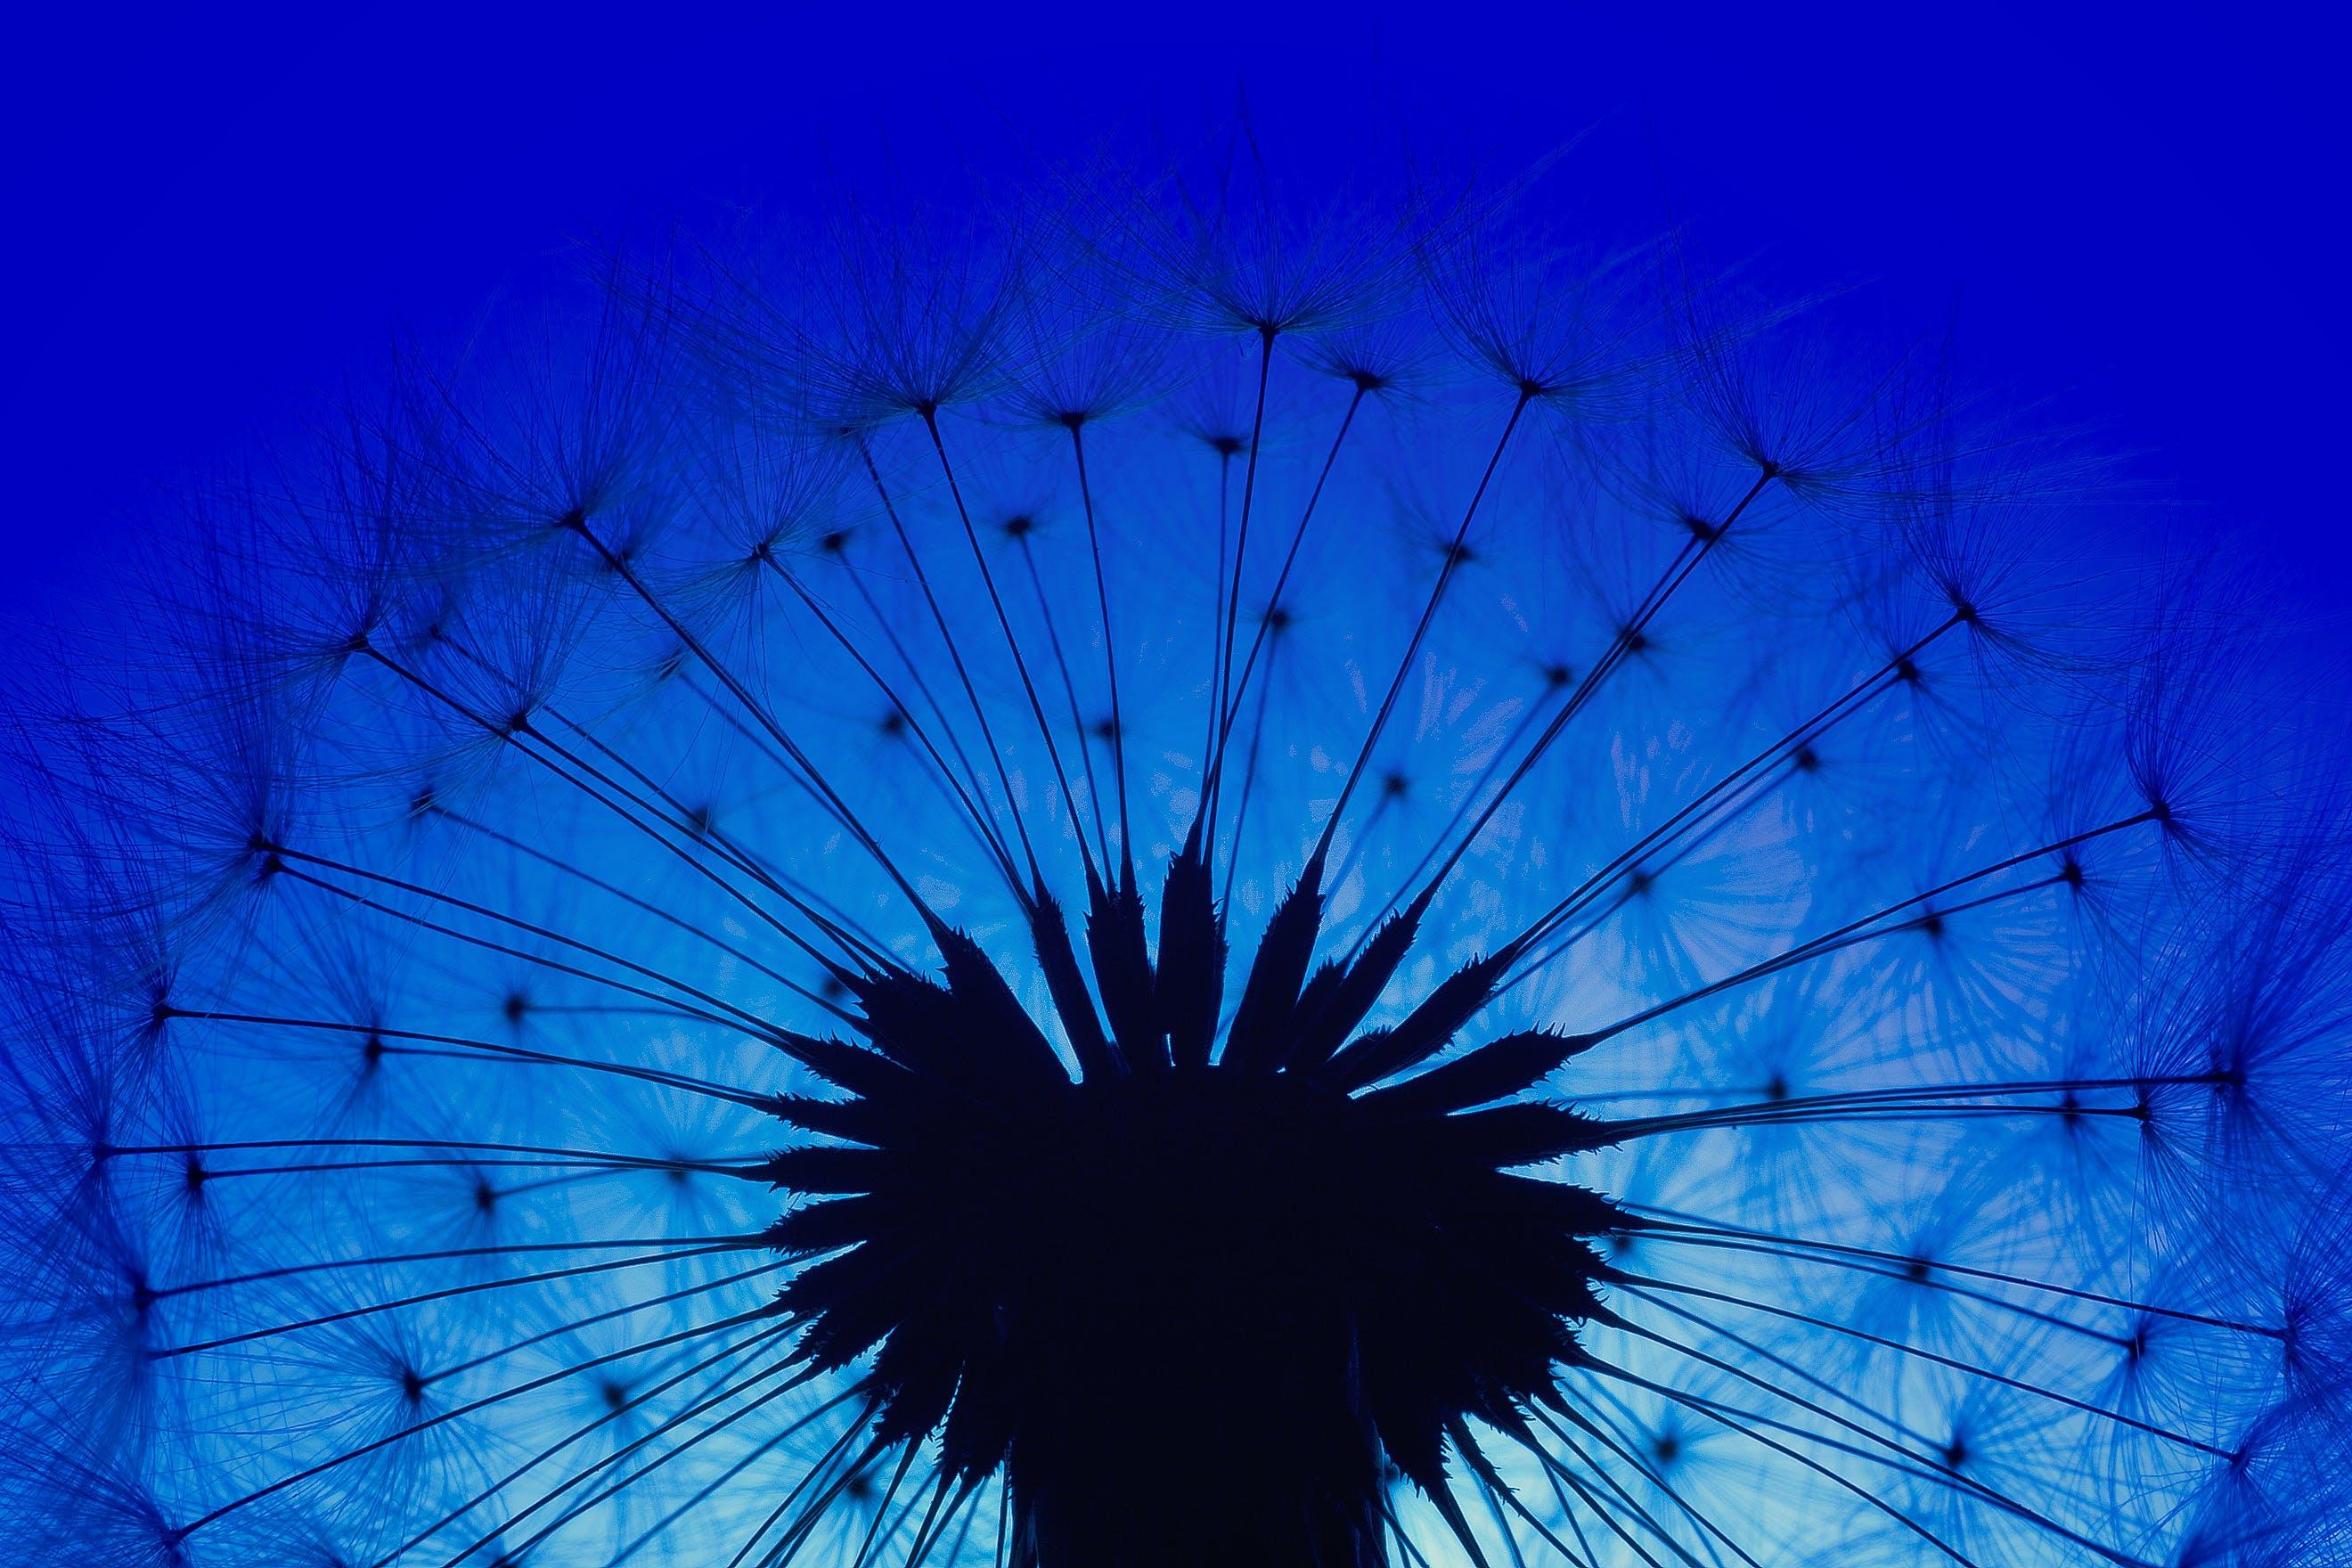 Kostenloses Stock Foto zu blau, blume, dunkel, farben